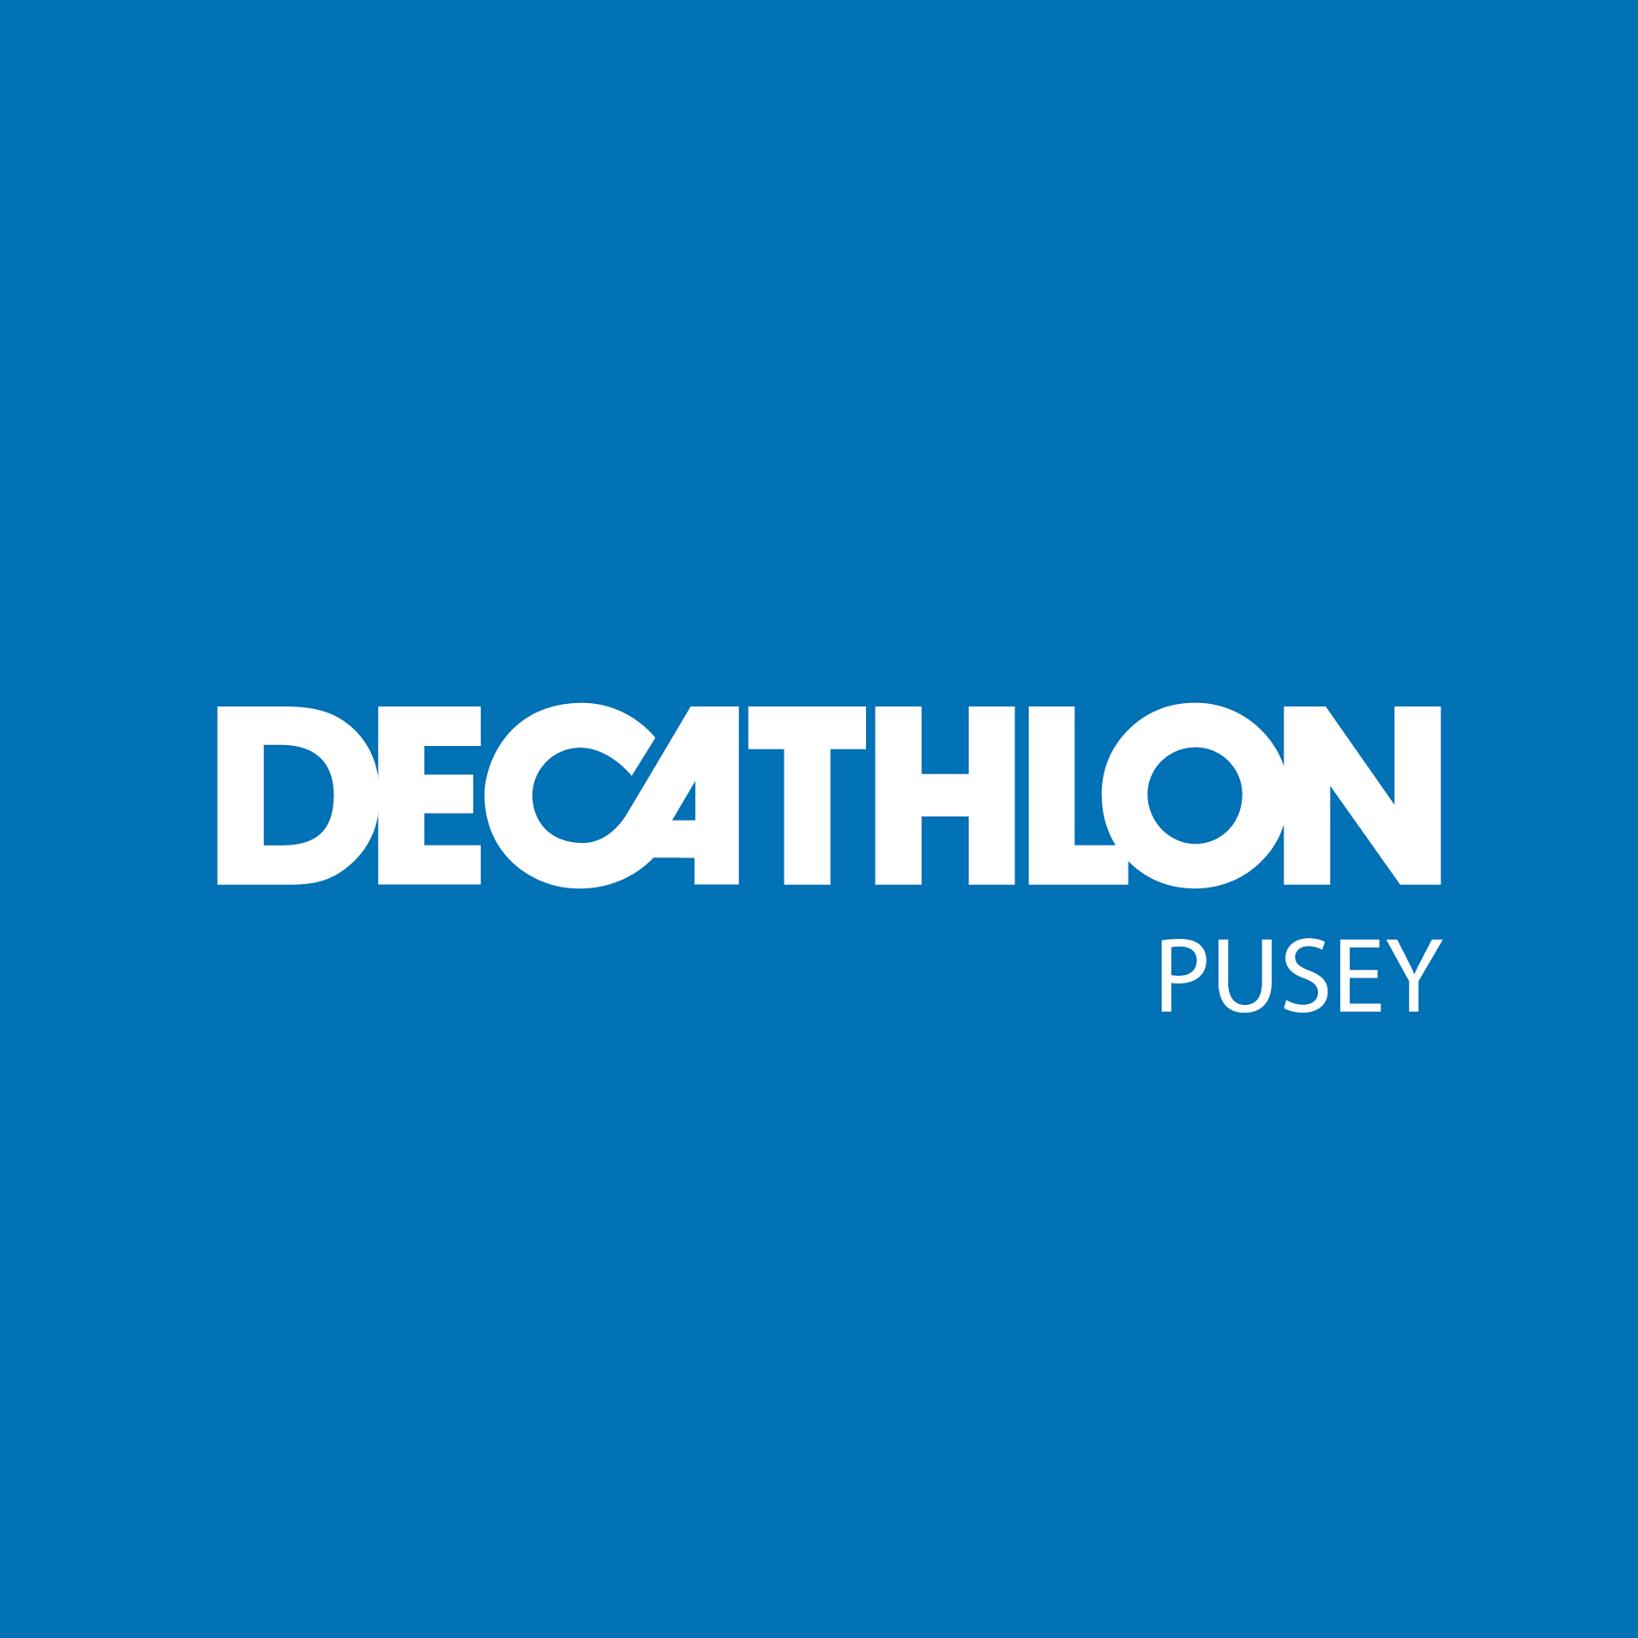 Decathlon Essentiel Vesoul - Pusey